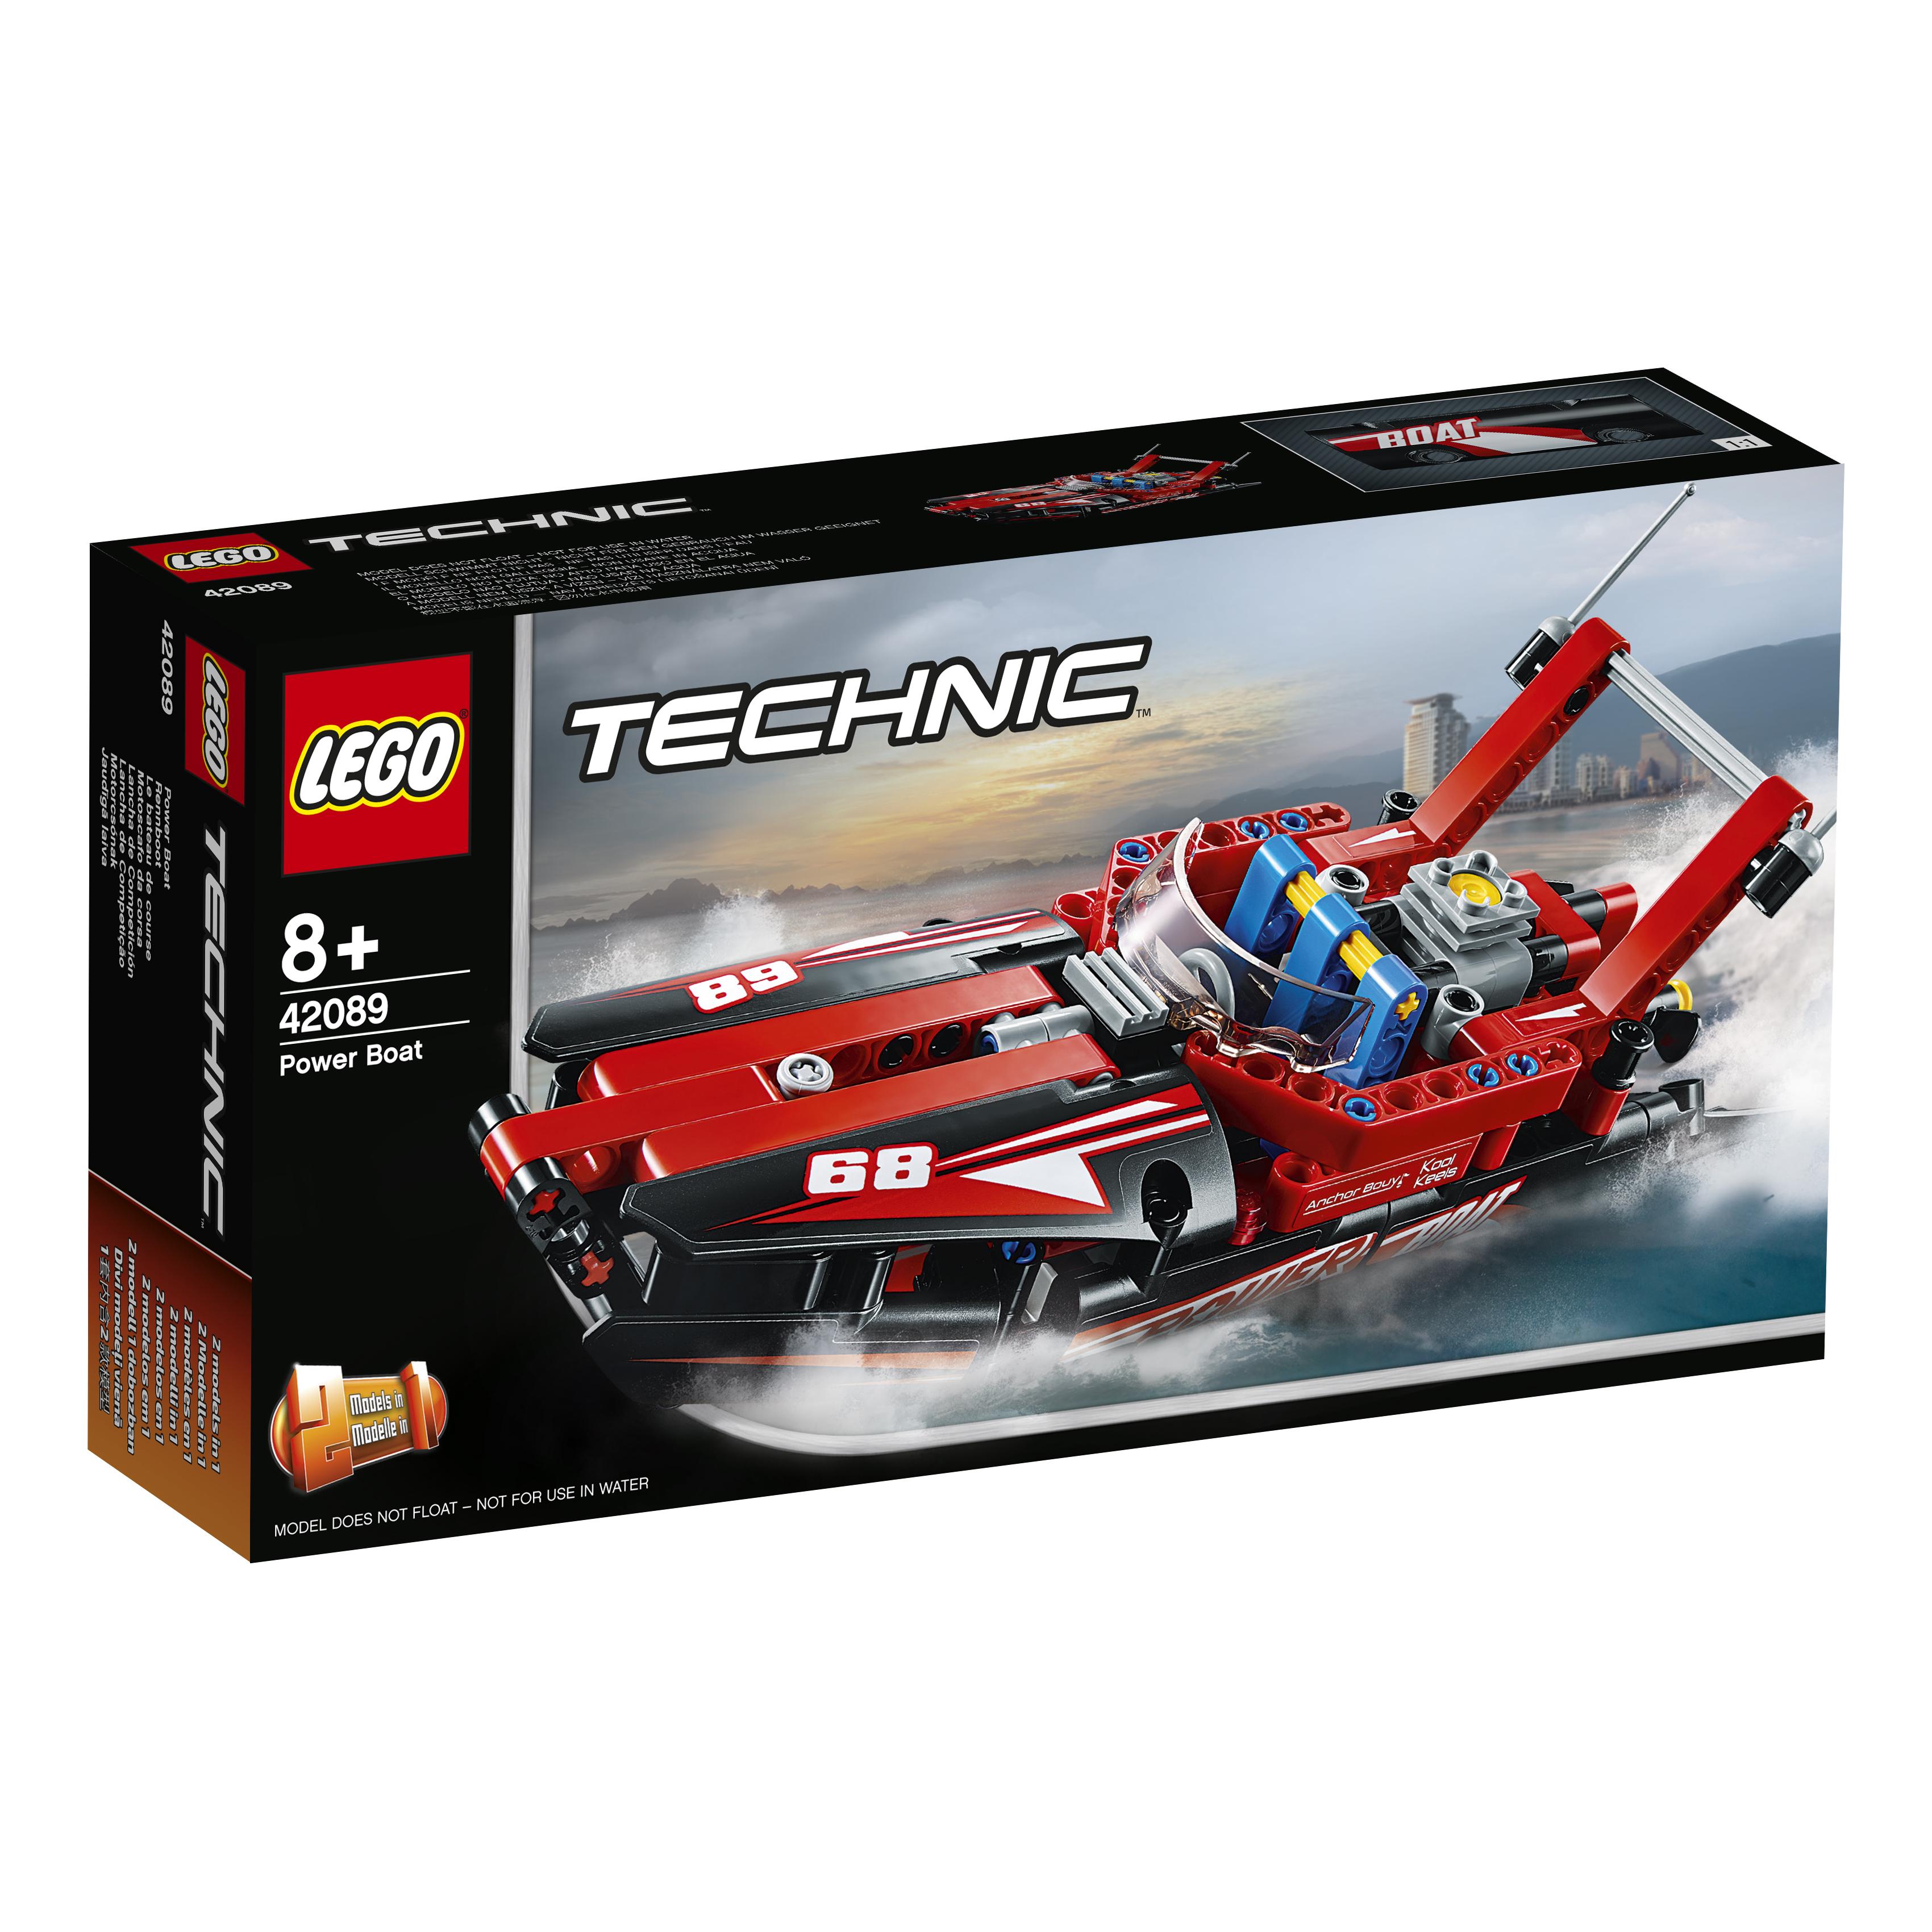 Technic 42089 Моторная лодка